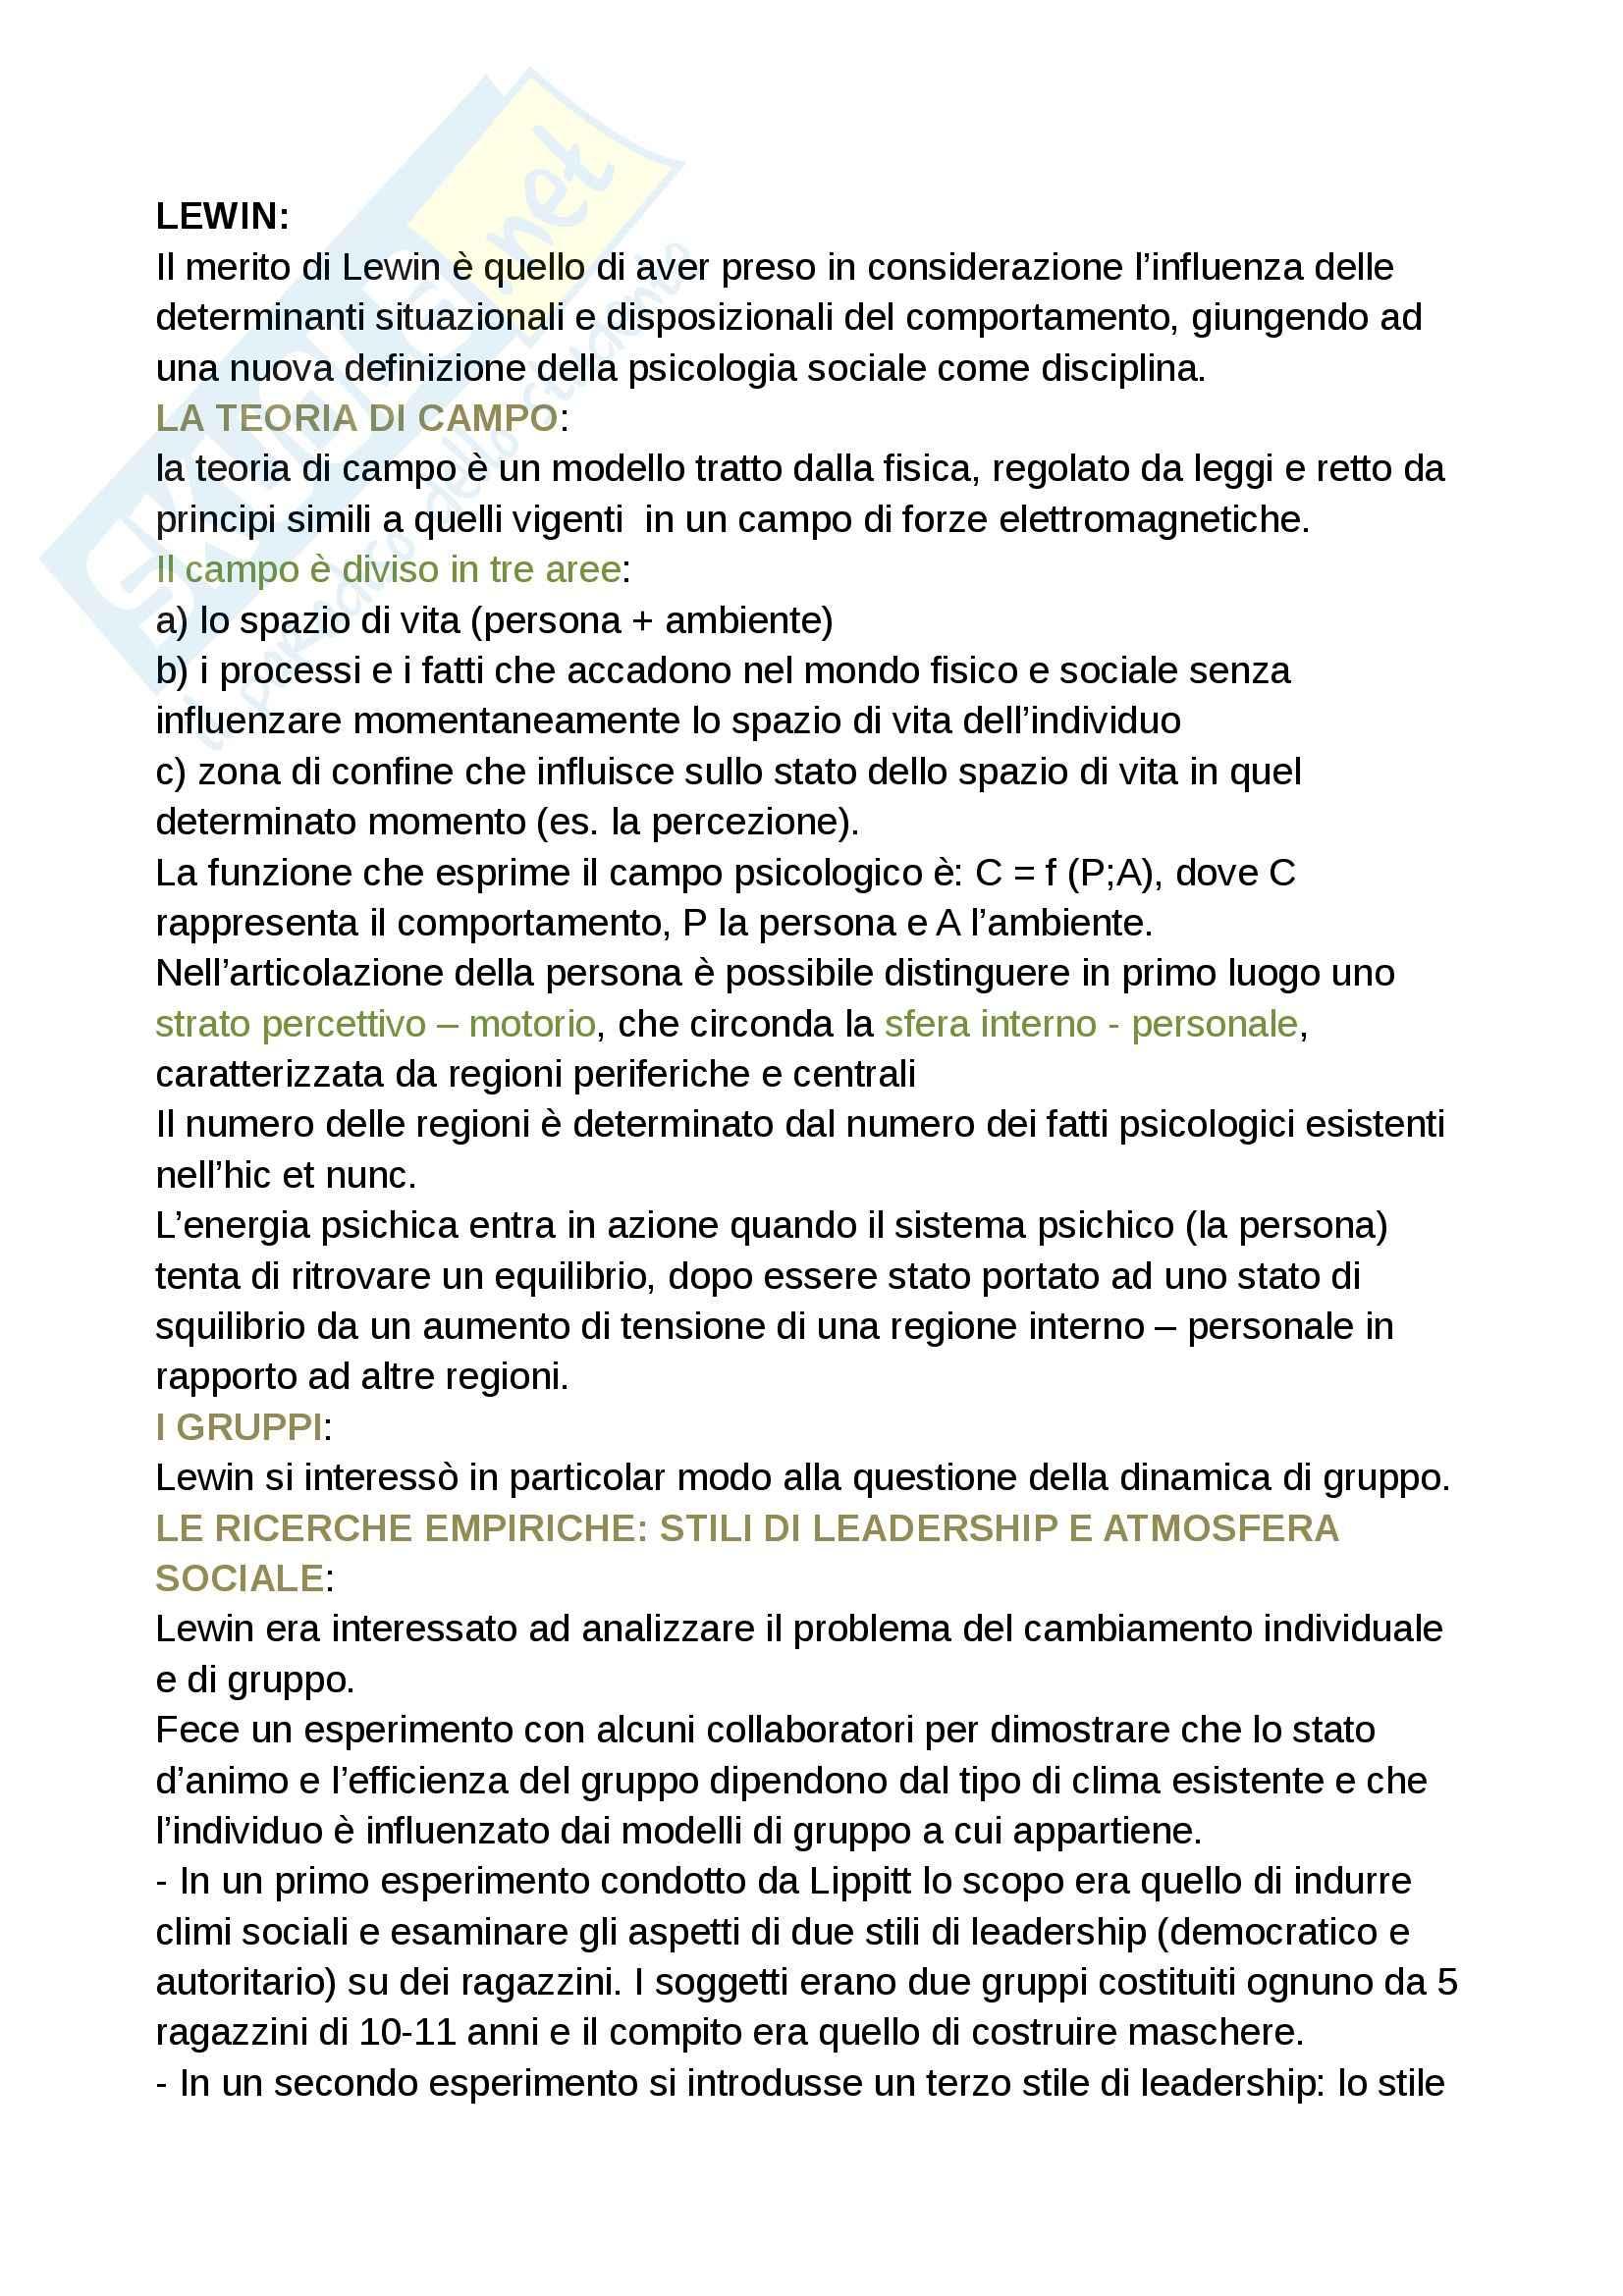 Riassunto esame Psicologia sociale, prof. Camussi, Ricerche e protagonisti della psicologia sociale, Lewin, Palmonari